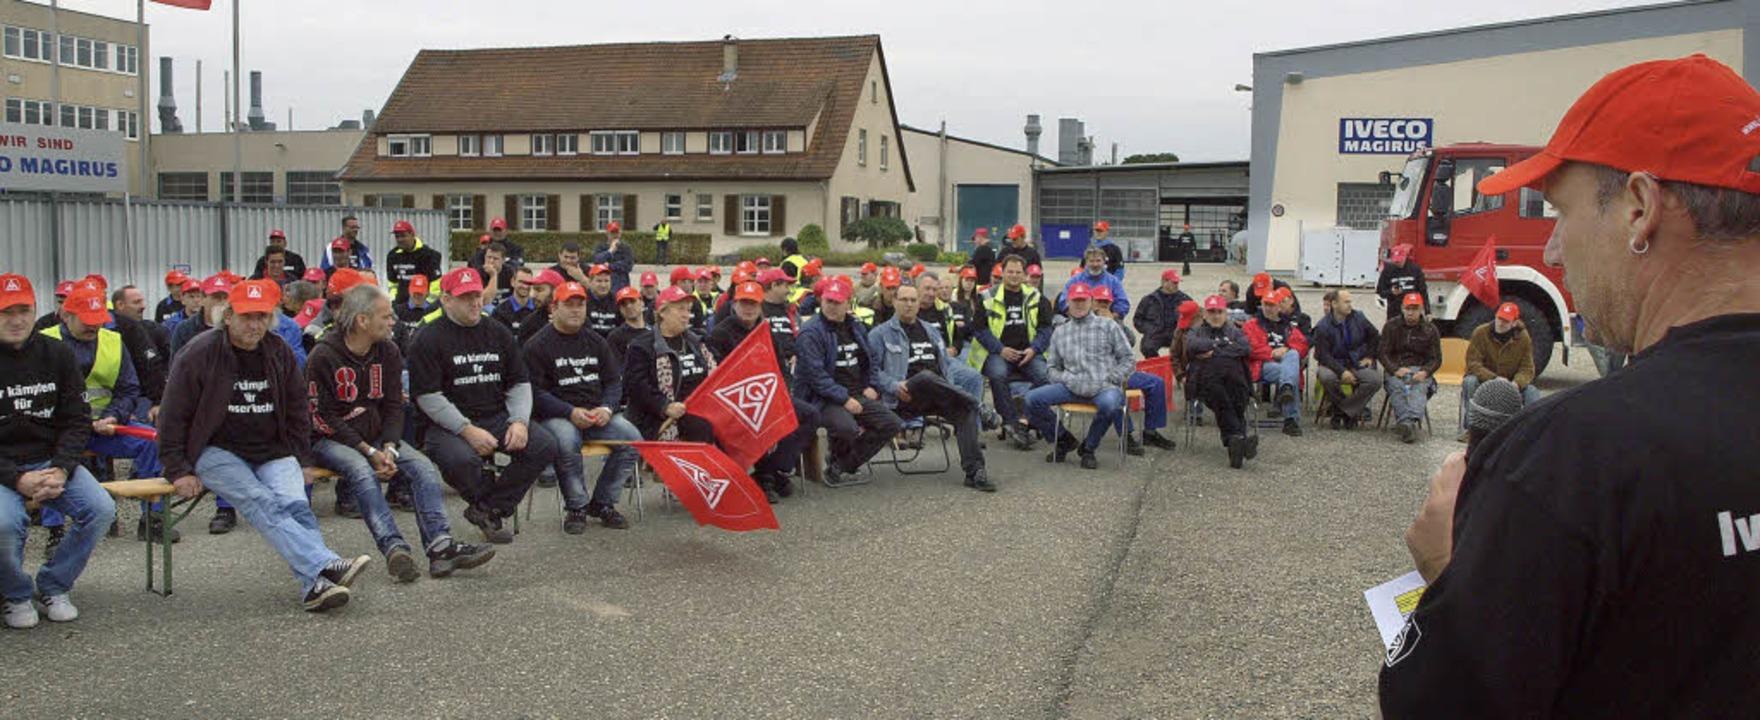 Betriebsversammlung im Freien am Montag vor dem Iveco-Werk in Weisweil.   | Foto: Michael Haberer